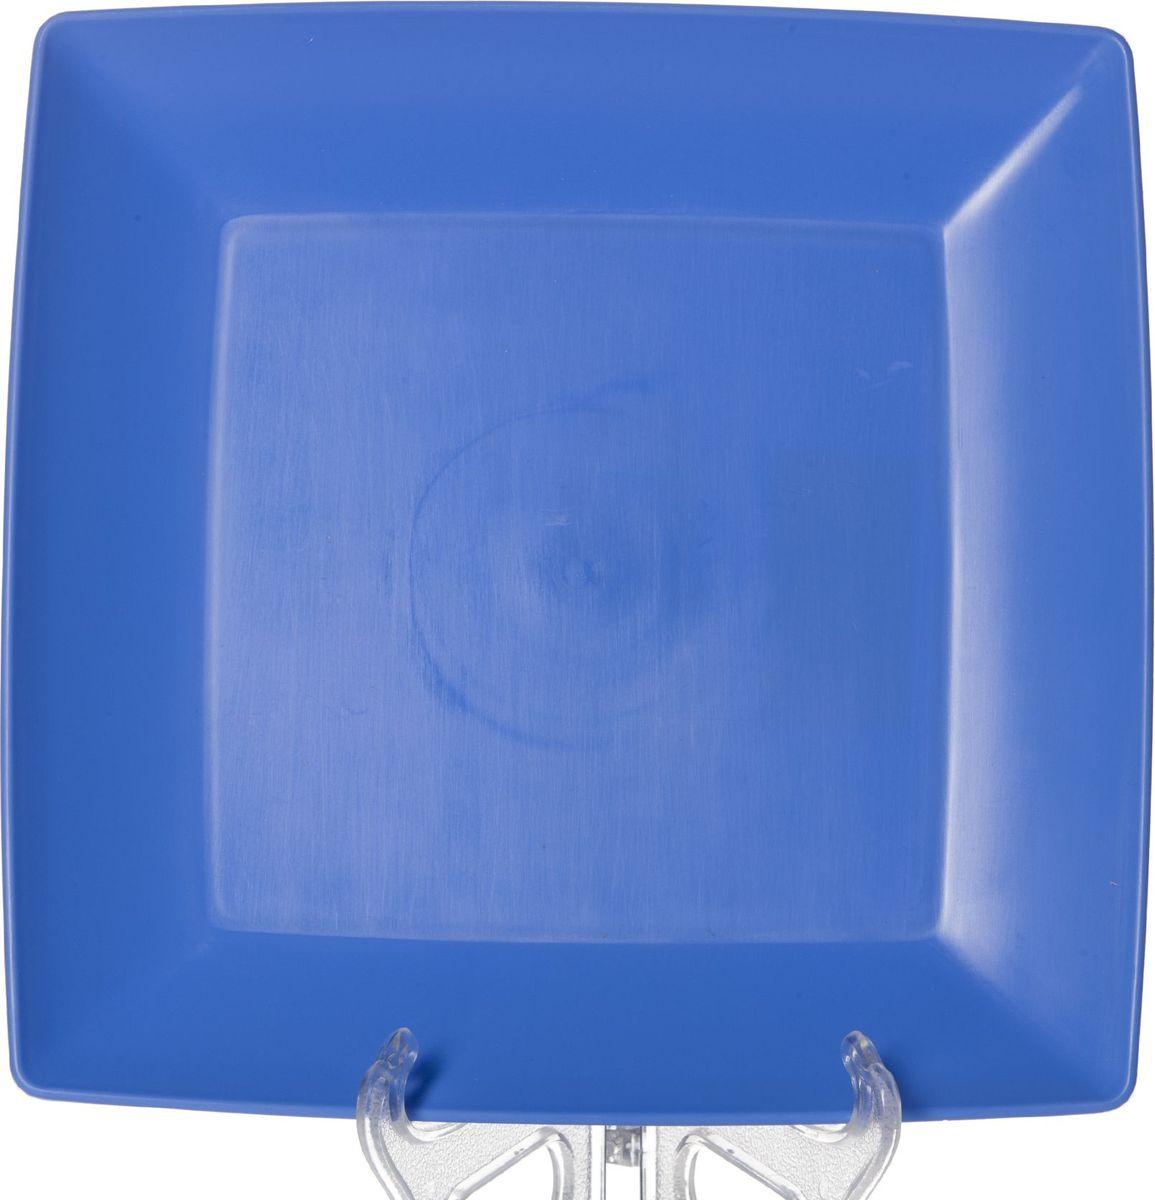 Тарелка Gotoff, цвет: синий, 23,5 х 23,5 смWTC-633Квадратная тарелка Gotoff выполнена из прочного пищевого полипропилена. Изделие отлично подойдет как для холодных, так и для горячих блюд. Его удобно использовать дома или на даче, брать с собой на пикники и в поездки. Отличный вариант для детских праздников. Такая тарелка не разобьется и будет служить вам долгое время.Можно использовать в СВЧ, ставить в морозилку при температуре -25°С и мыть в посудомоечной машине при температуре +95°С.